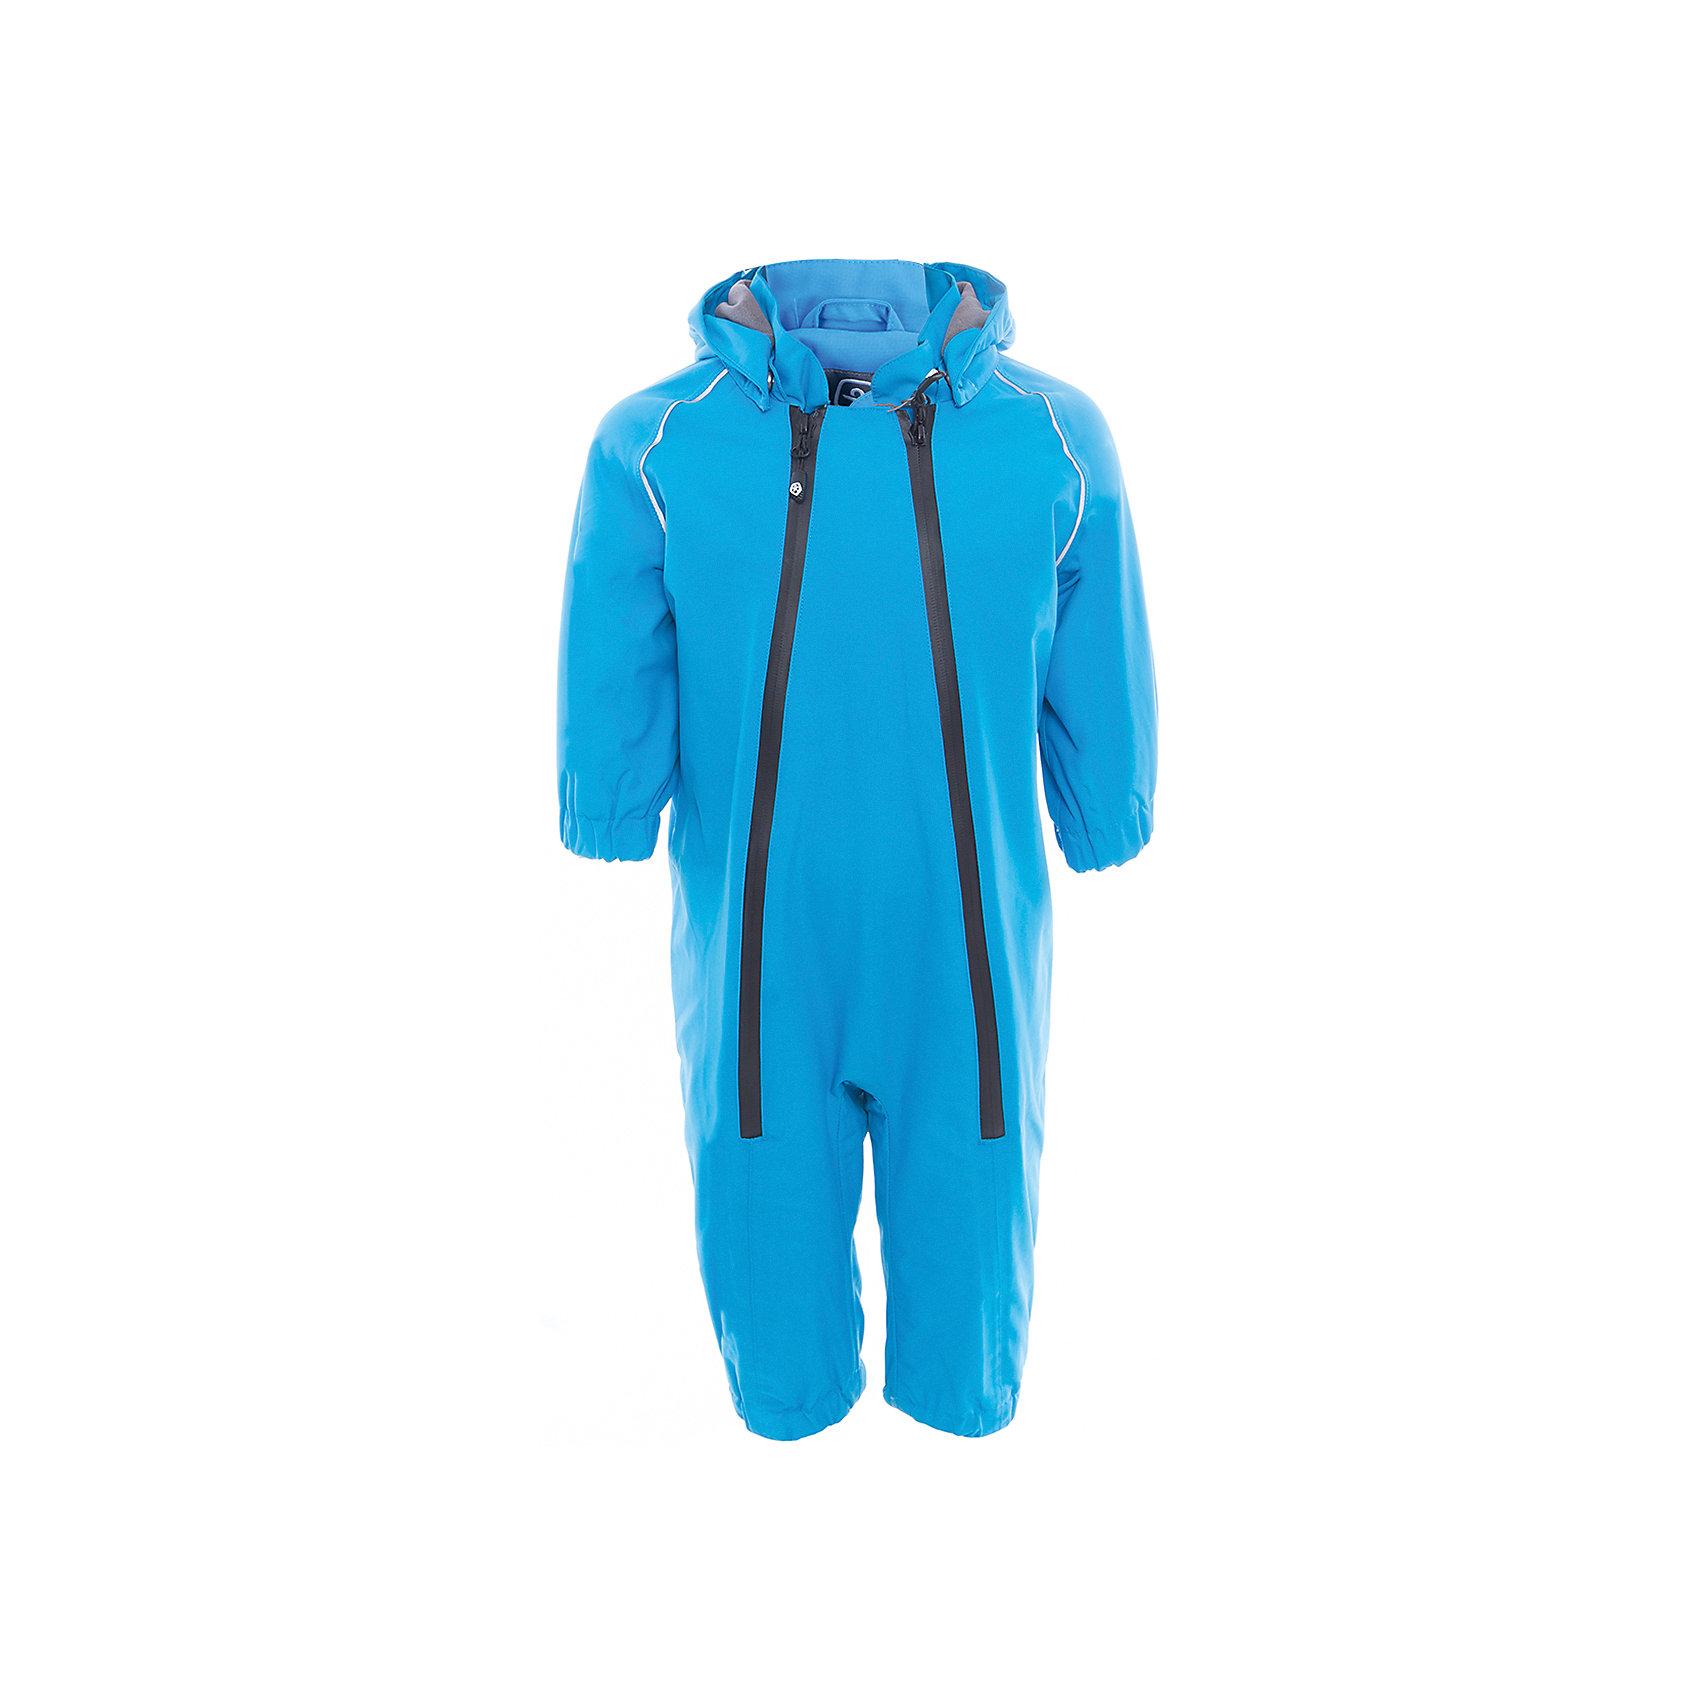 Комбинезон  Color KidsВерхняя одежда<br>Характеристики товара:<br><br>• цвет: голубой<br>• состав: 100 % нейлон, Oxford<br>• подкладка: 100 % полиэстер, микро-флис<br>• без утеплителя<br>• температурный режим: от +7°до +15°С<br>• мембранная технология<br>• водонепроницаемость: 5000 мм<br>• воздухопроницаемость: 5000 мм<br>• ветрозащитный<br>• все швы проклеены<br>• светоотражающие детали<br>• эластичная талия<br>• съёмный капюшон на кнопках<br>• защита подбородка<br>• штрипки<br>• водонепроницаемые молнии<br>• комфортная посадка<br>• страна бренда: Дания<br><br>Такой удобный комбинезон сделана из непромокаемого легкого материала, поэтому отлично подойдет для дождливой погоды в межсезонье. Он комфортно сидит и обеспечивает ребенку необходимое удобство и тепло. Очень стильно смотрится.<br><br>Комбинезон от датского бренда Color Kids (Колор кидз) можно купить в нашем интернет-магазине.<br><br>Ширина мм: 356<br>Глубина мм: 10<br>Высота мм: 245<br>Вес г: 519<br>Цвет: голубой<br>Возраст от месяцев: 24<br>Возраст до месяцев: 36<br>Пол: Унисекс<br>Возраст: Детский<br>Размер: 98,74,80,86,92<br>SKU: 5443114